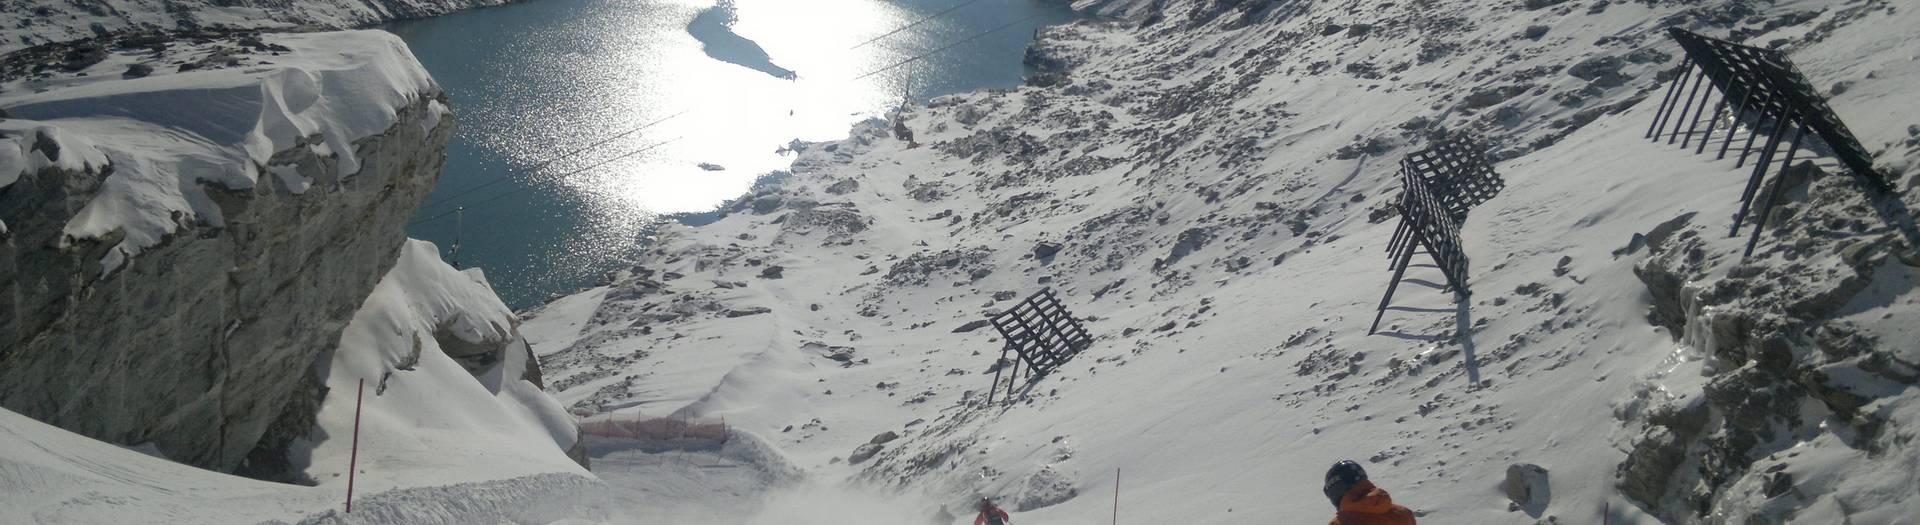 Mölltaler Gletscher in der Nationalpark-Region Hohe Tauern